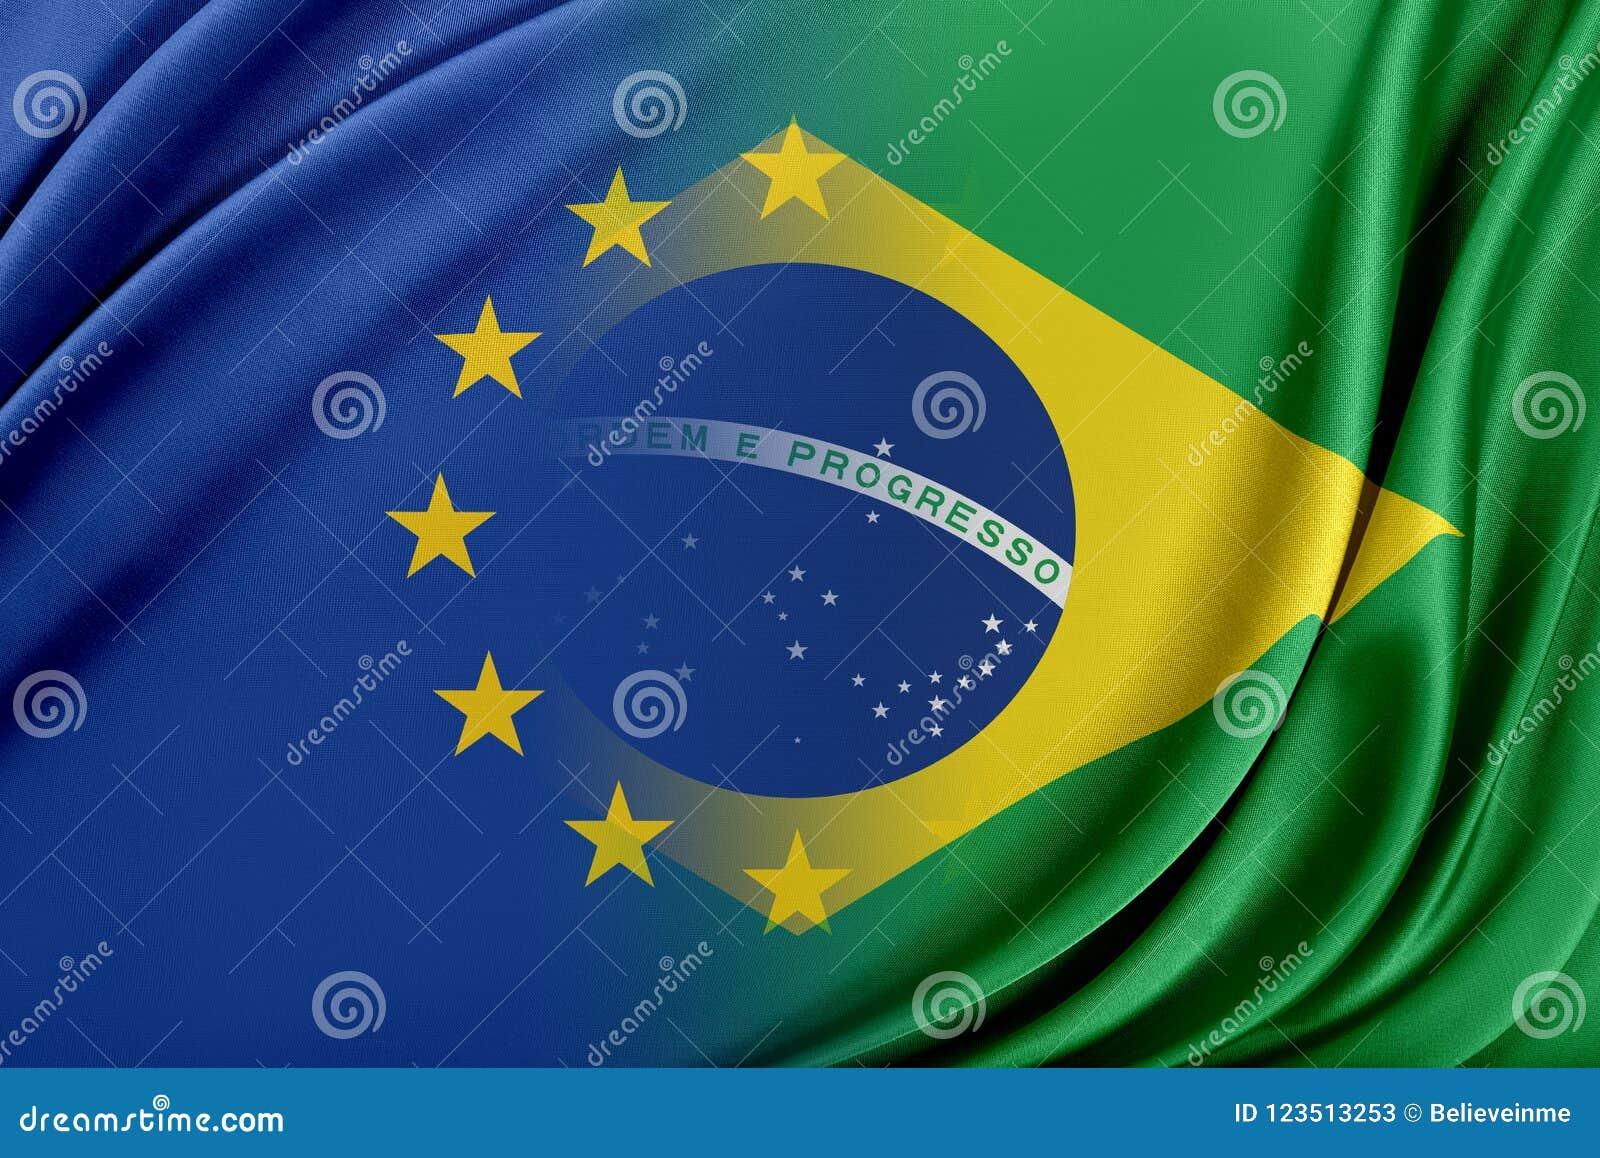 Europeisk union och Brasilien Begreppet av förhållandet mellan EU och Brasilien